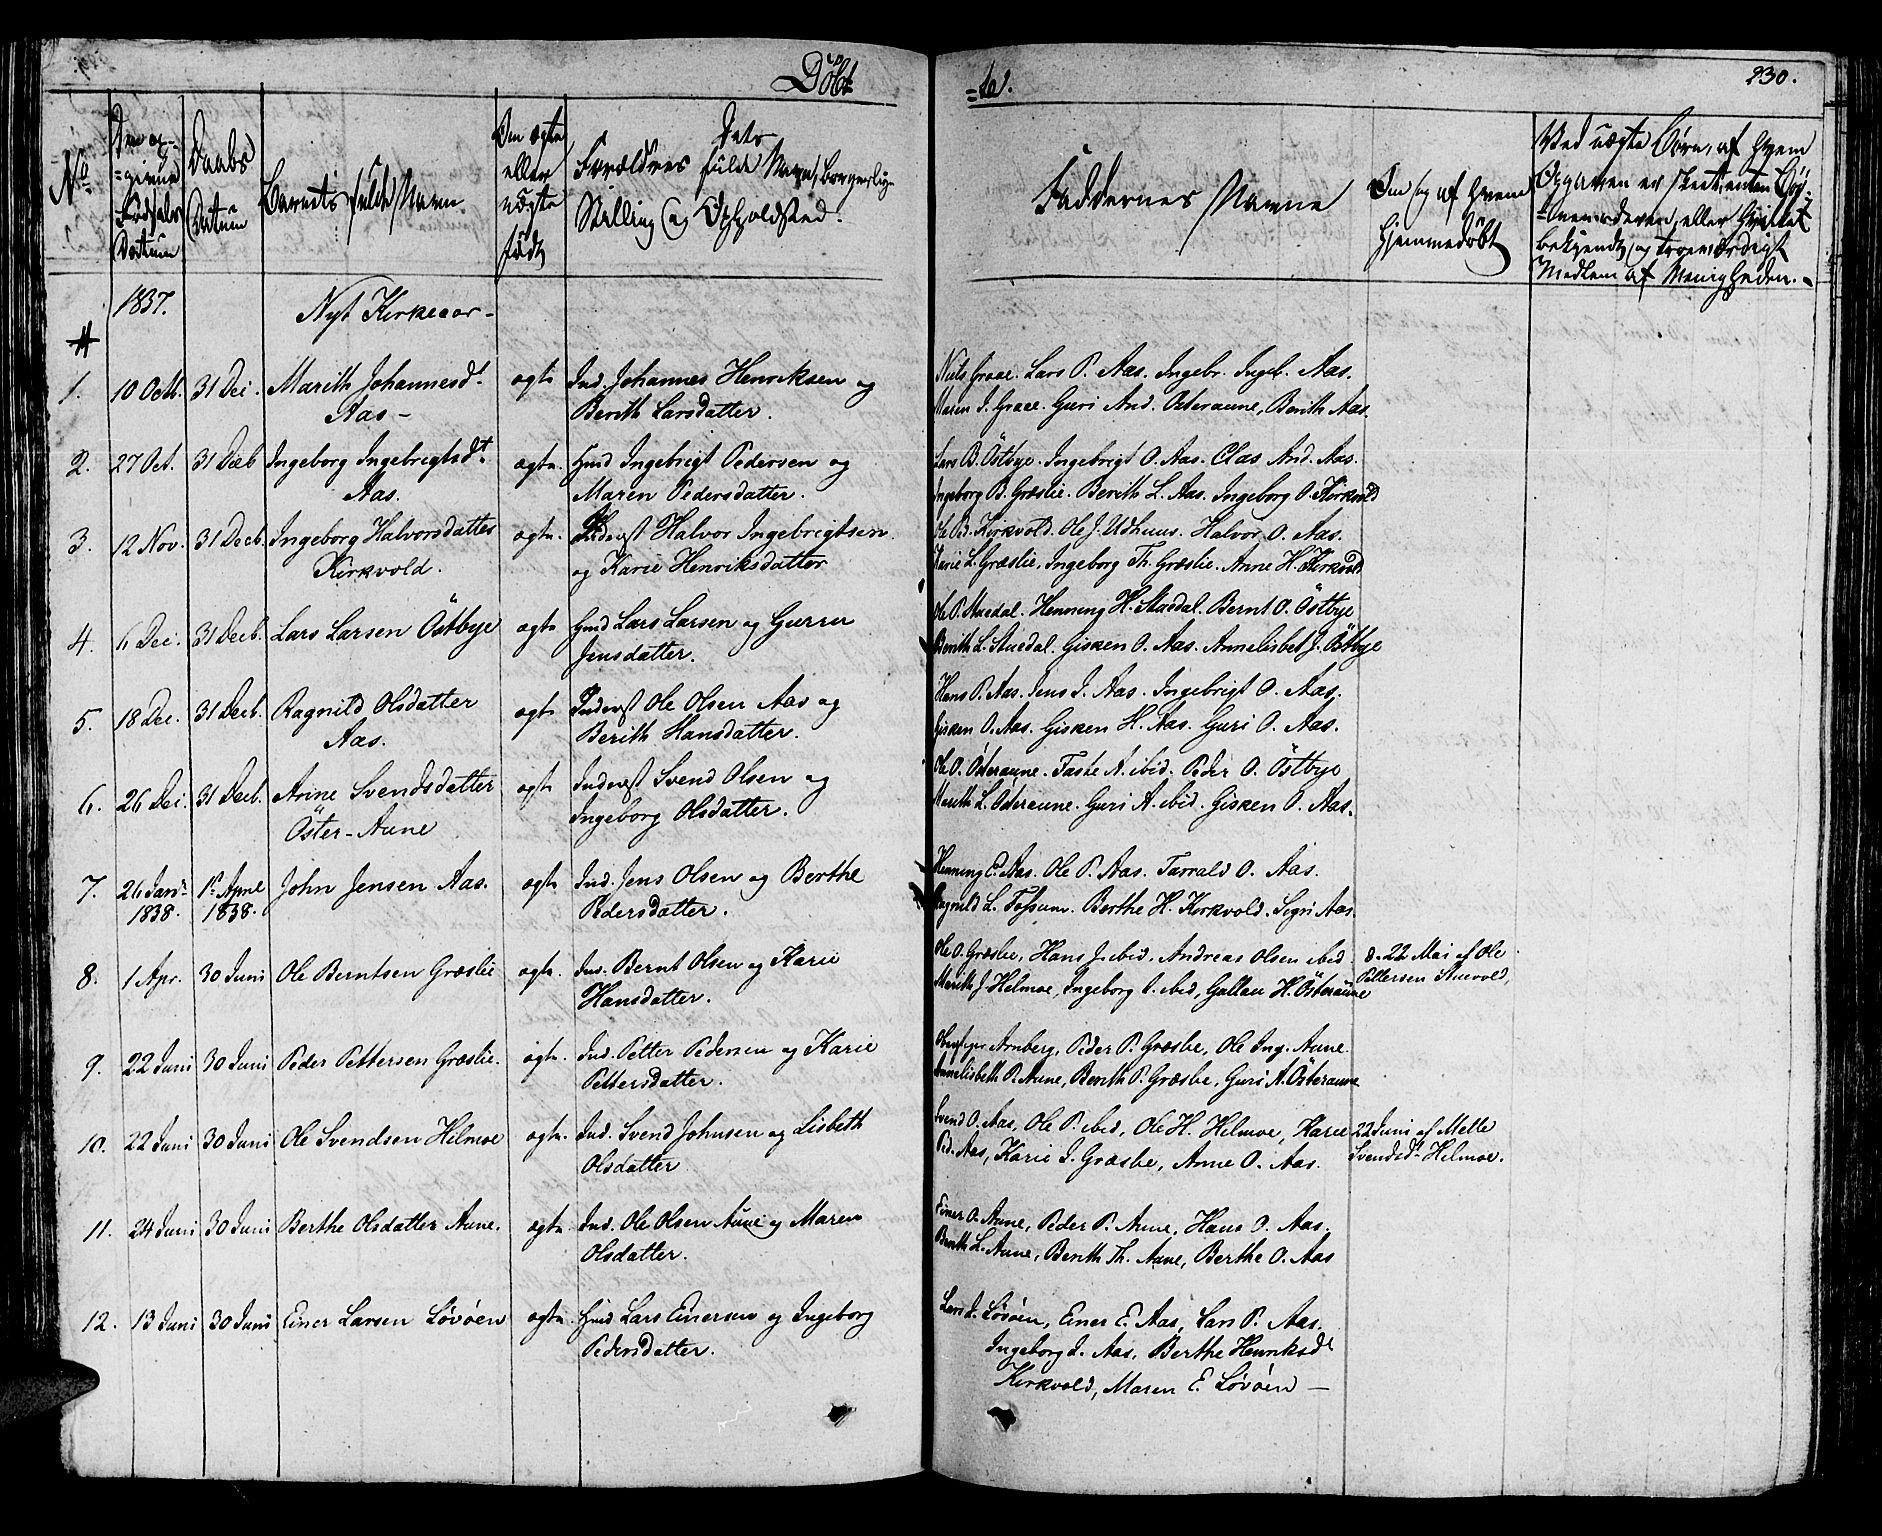 SAT, Ministerialprotokoller, klokkerbøker og fødselsregistre - Sør-Trøndelag, 695/L1144: Ministerialbok nr. 695A05 /2, 1824-1842, s. 230